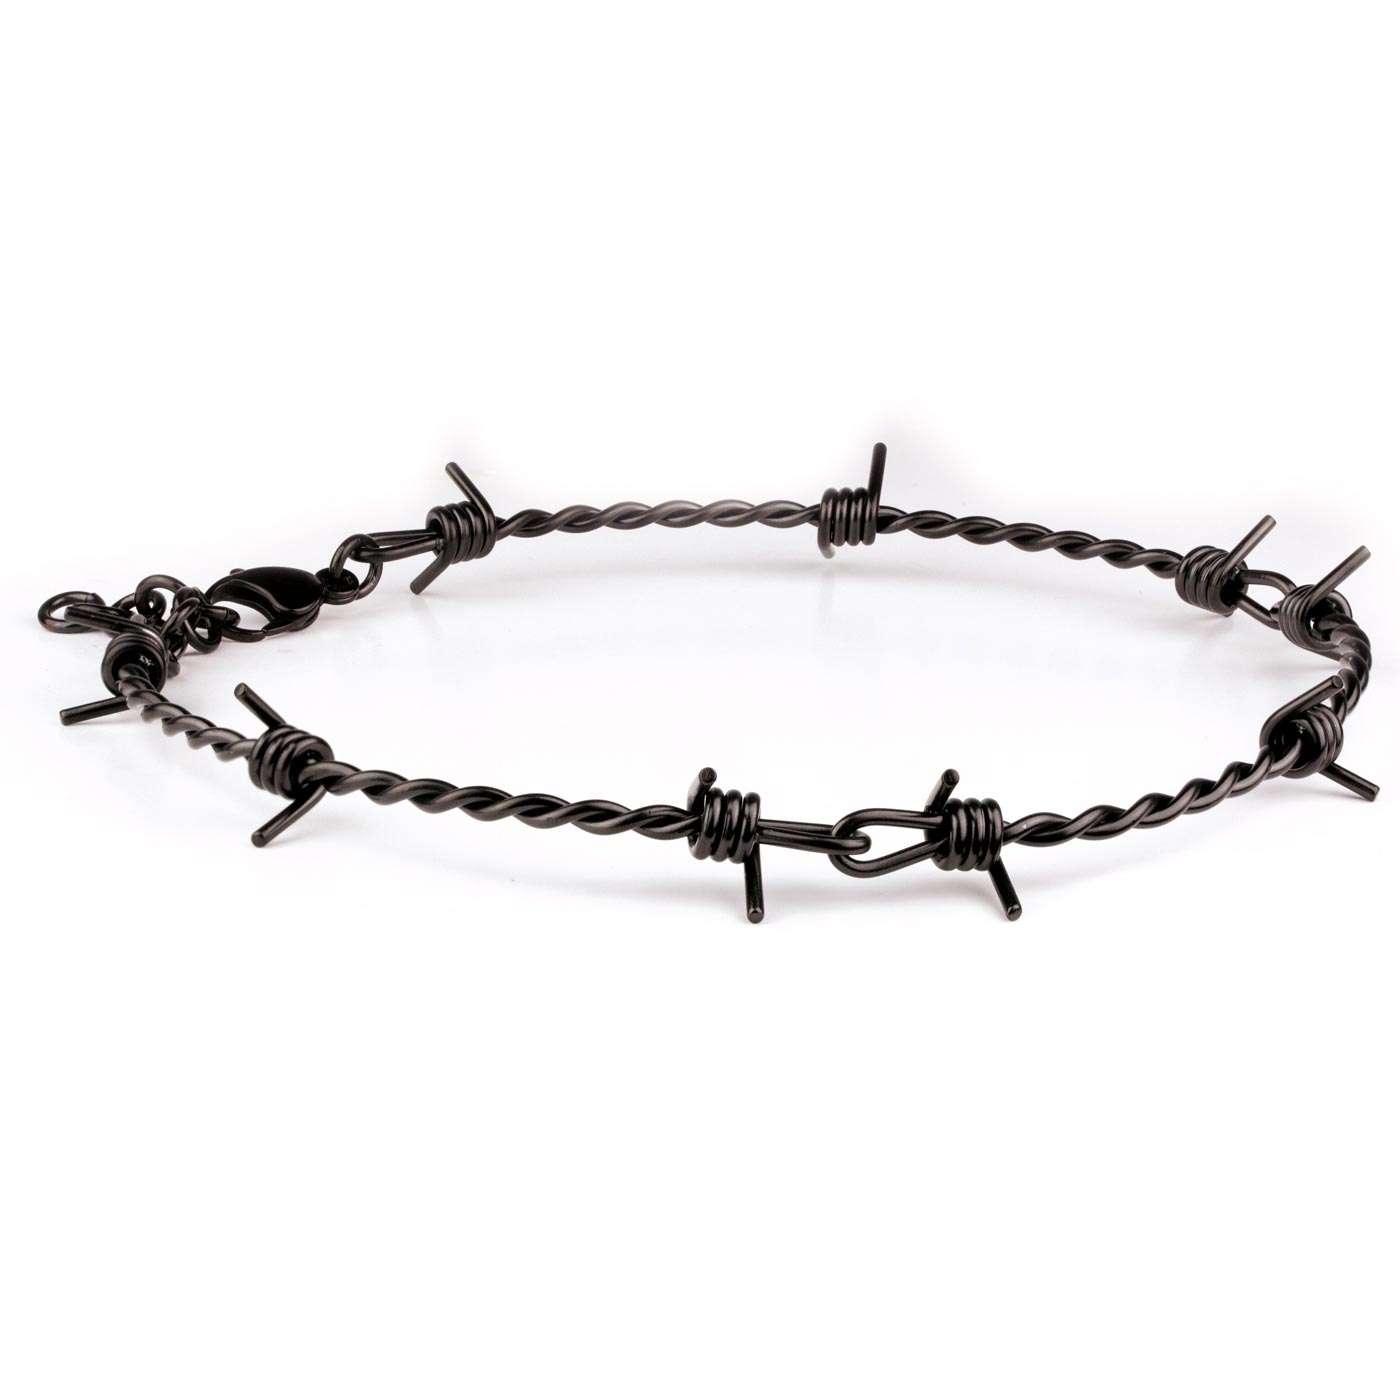 Schwarz Halskette Stacheldraht Stacheldraht Halskette Stacheldraht Schwarz X8wPkn0O